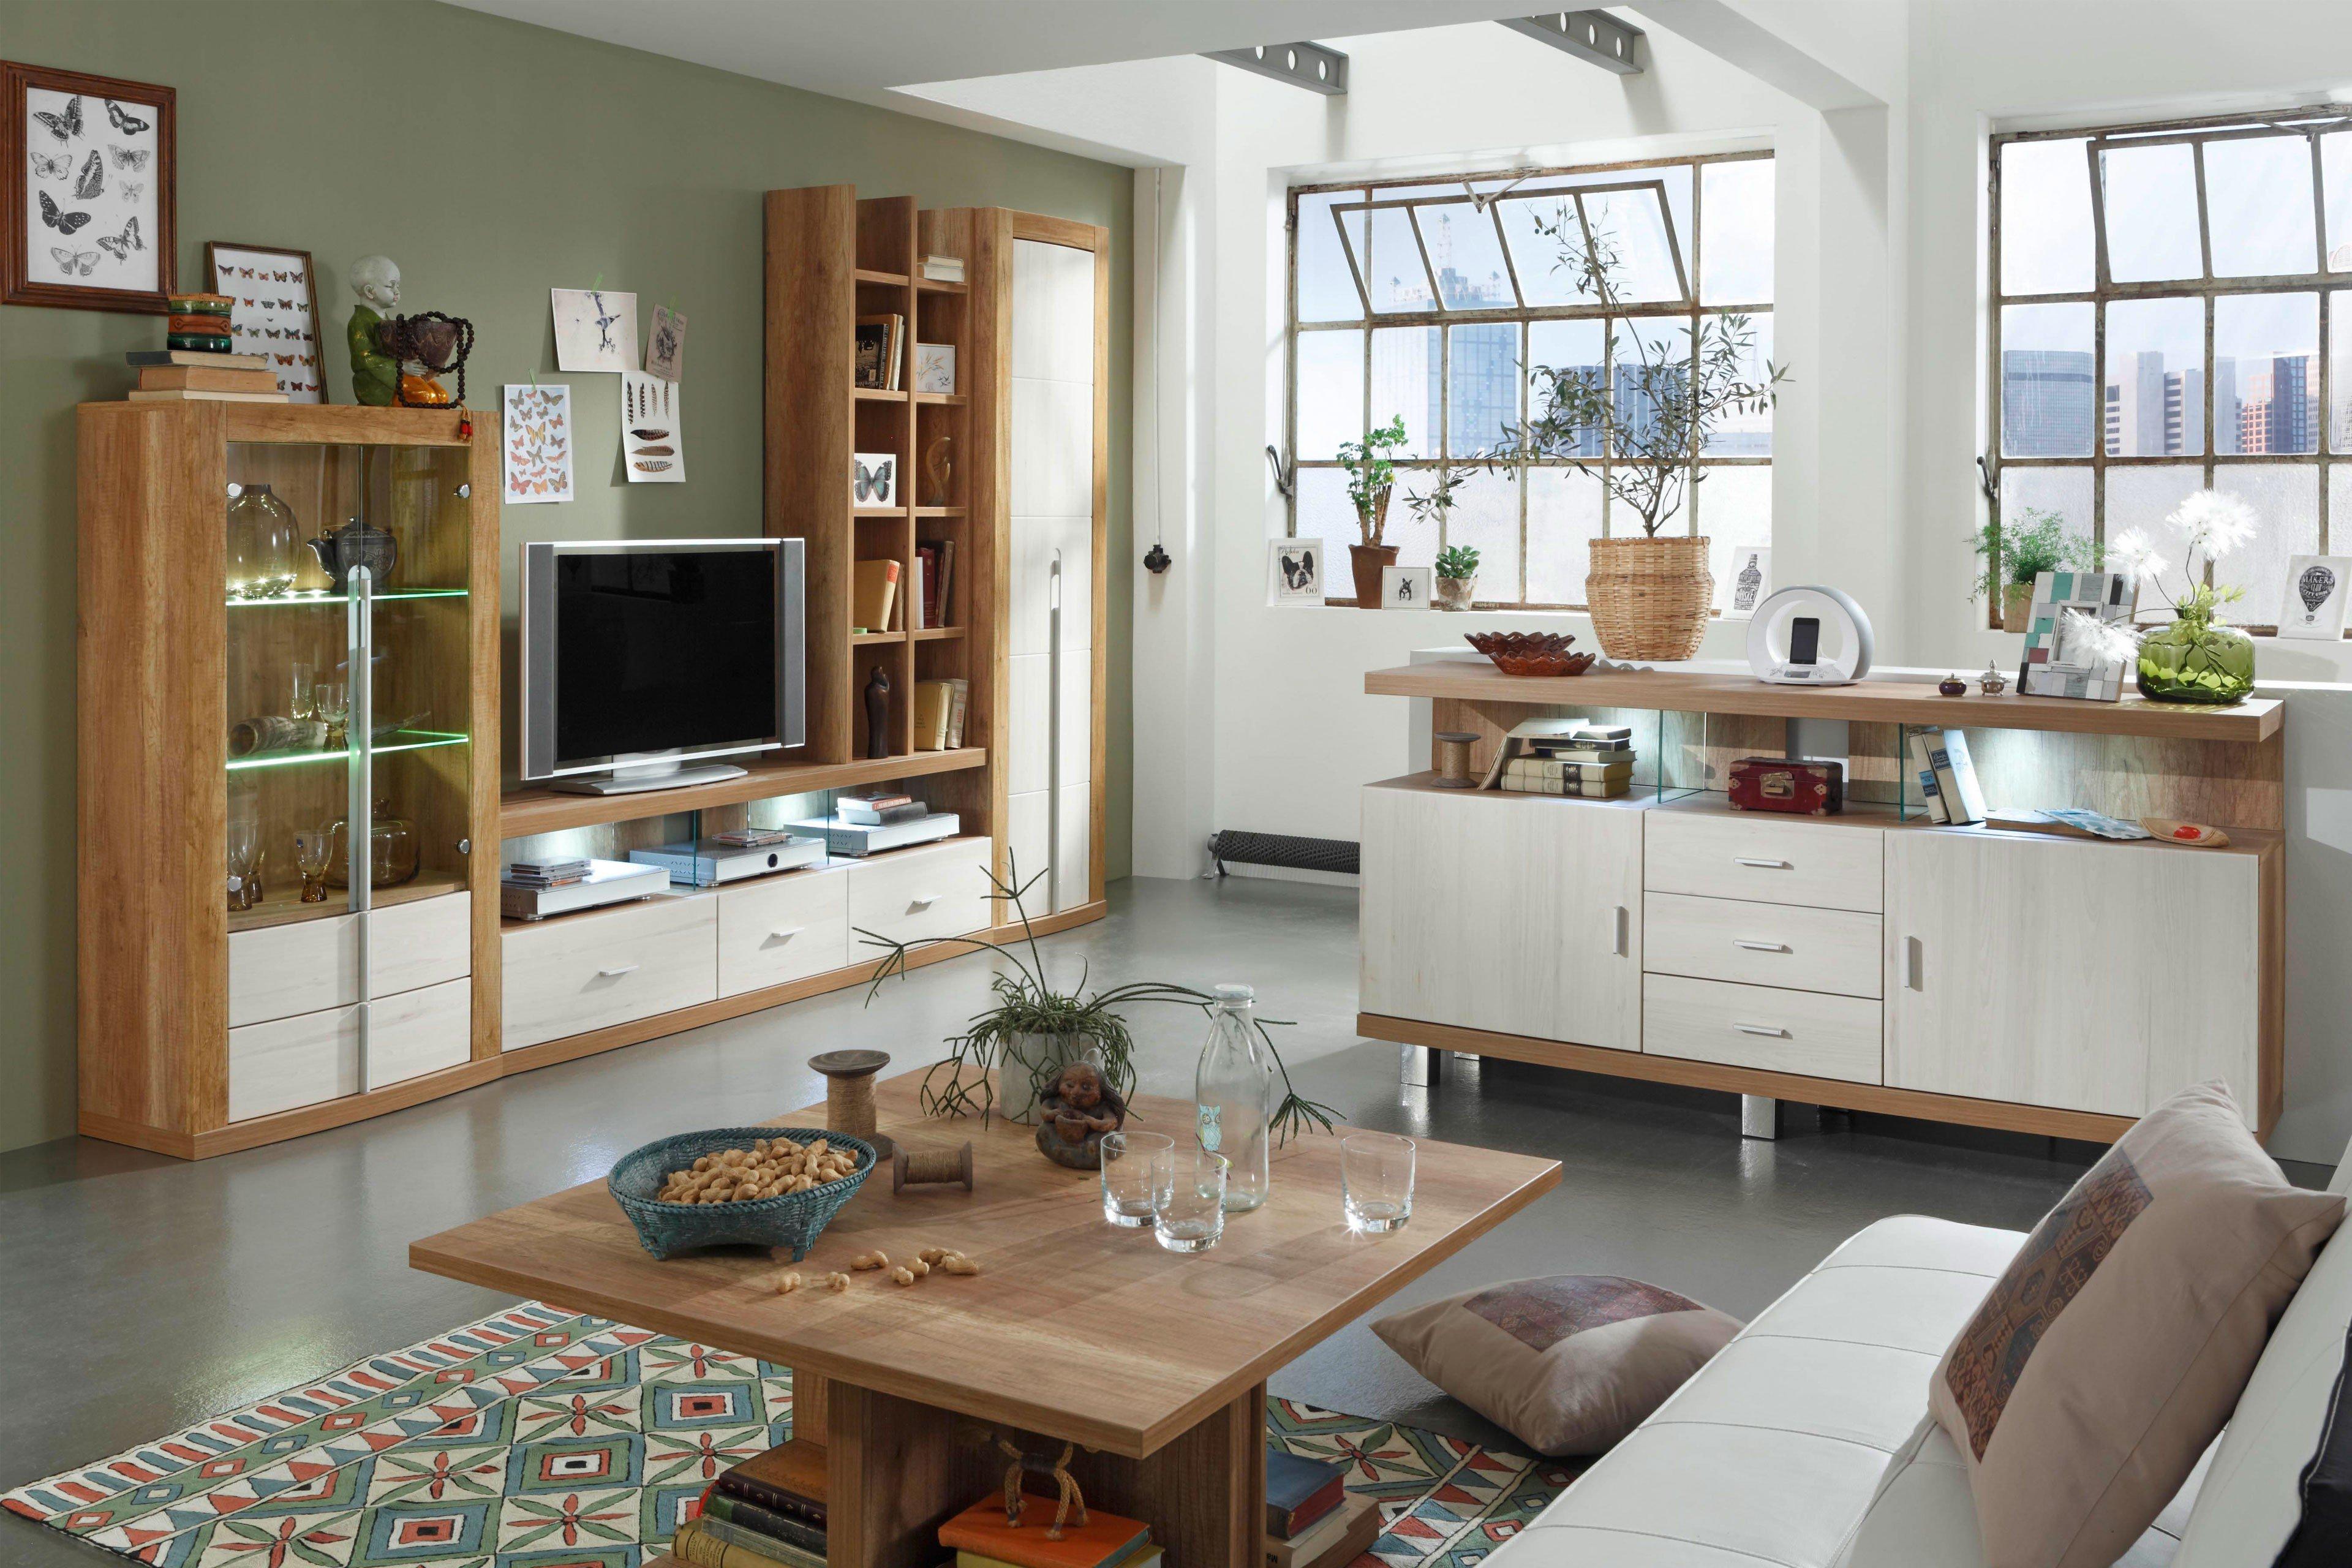 Prenneis Wohnwand Montreal Plus Goldeiche/ Tokai | Möbel Letz - Ihr ...